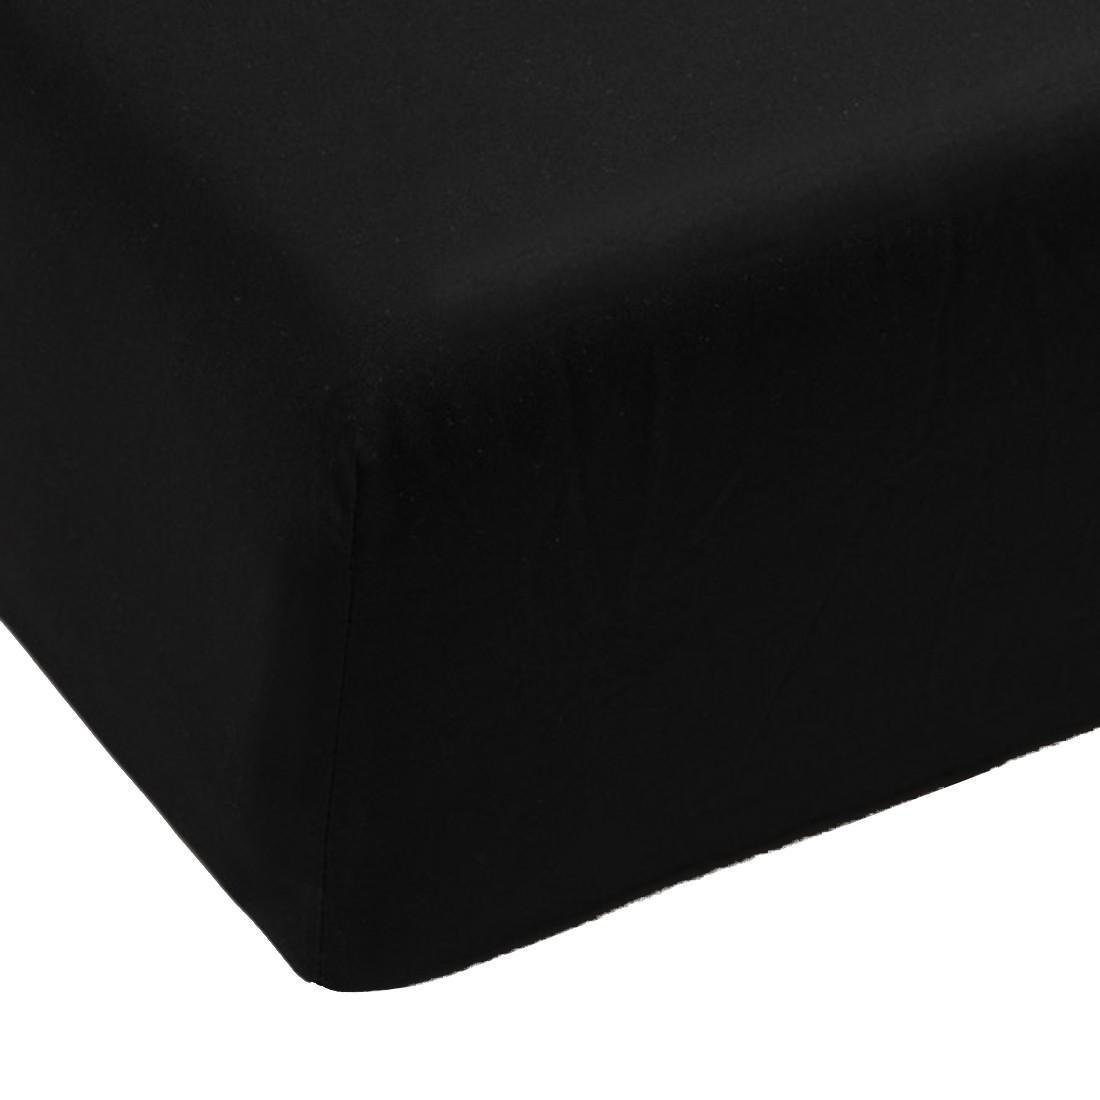 Spannbettlaken Perkal – Schwarz – Baumwolle – Abmessungen 200x180x35cm, BH jetzt kaufen